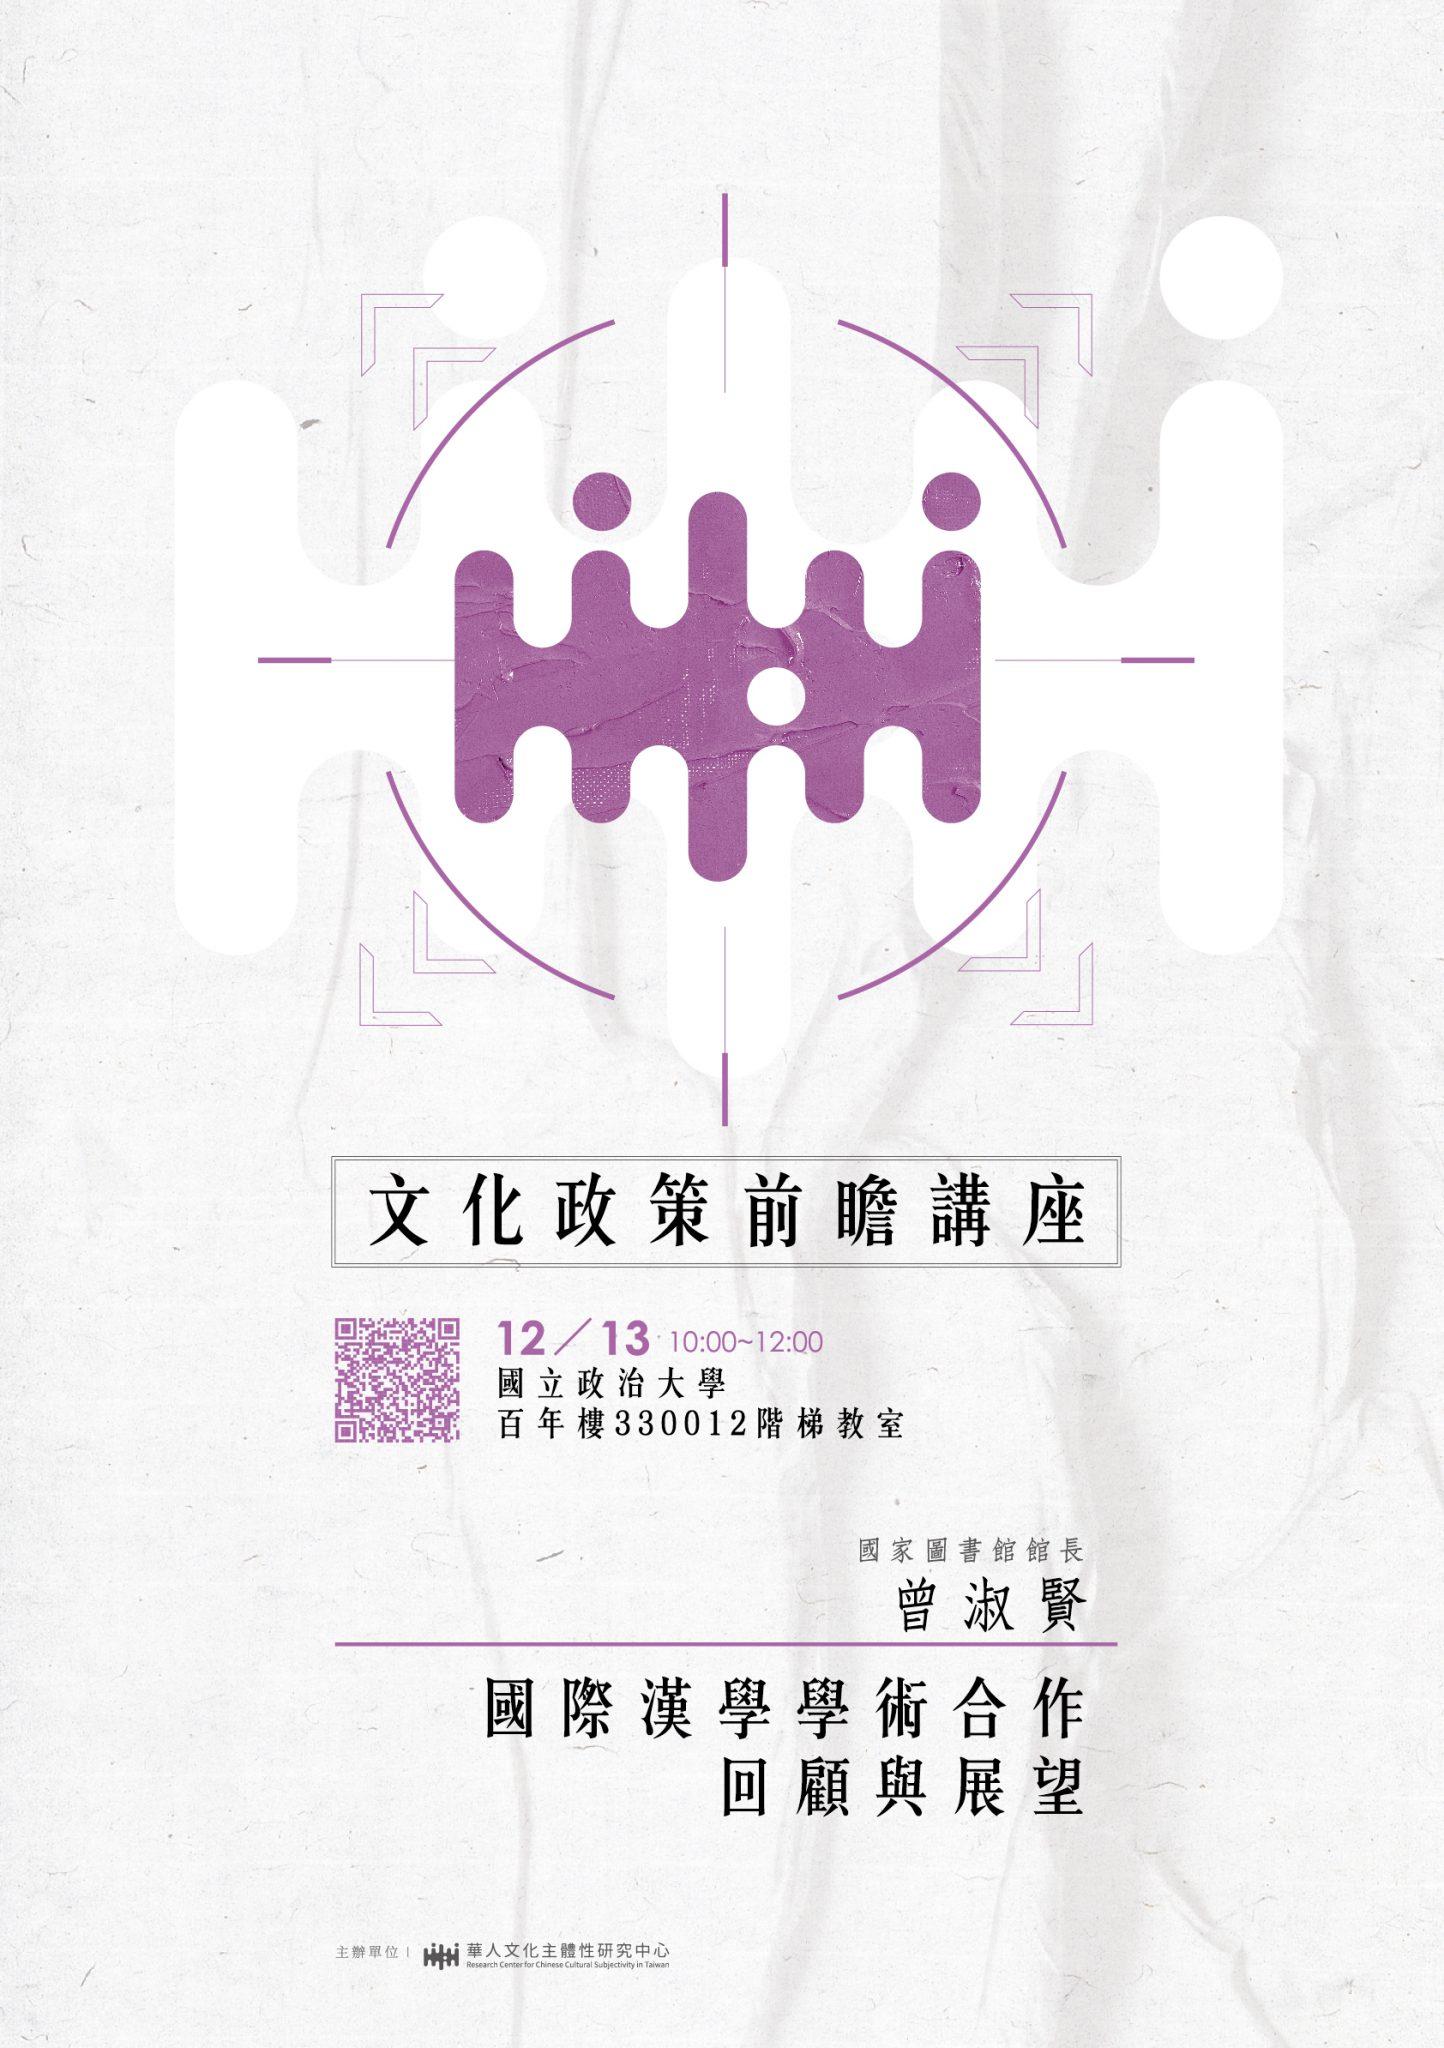 《華人文化主體性研究:回顧與前瞻》論壇「文化政策前瞻講座」